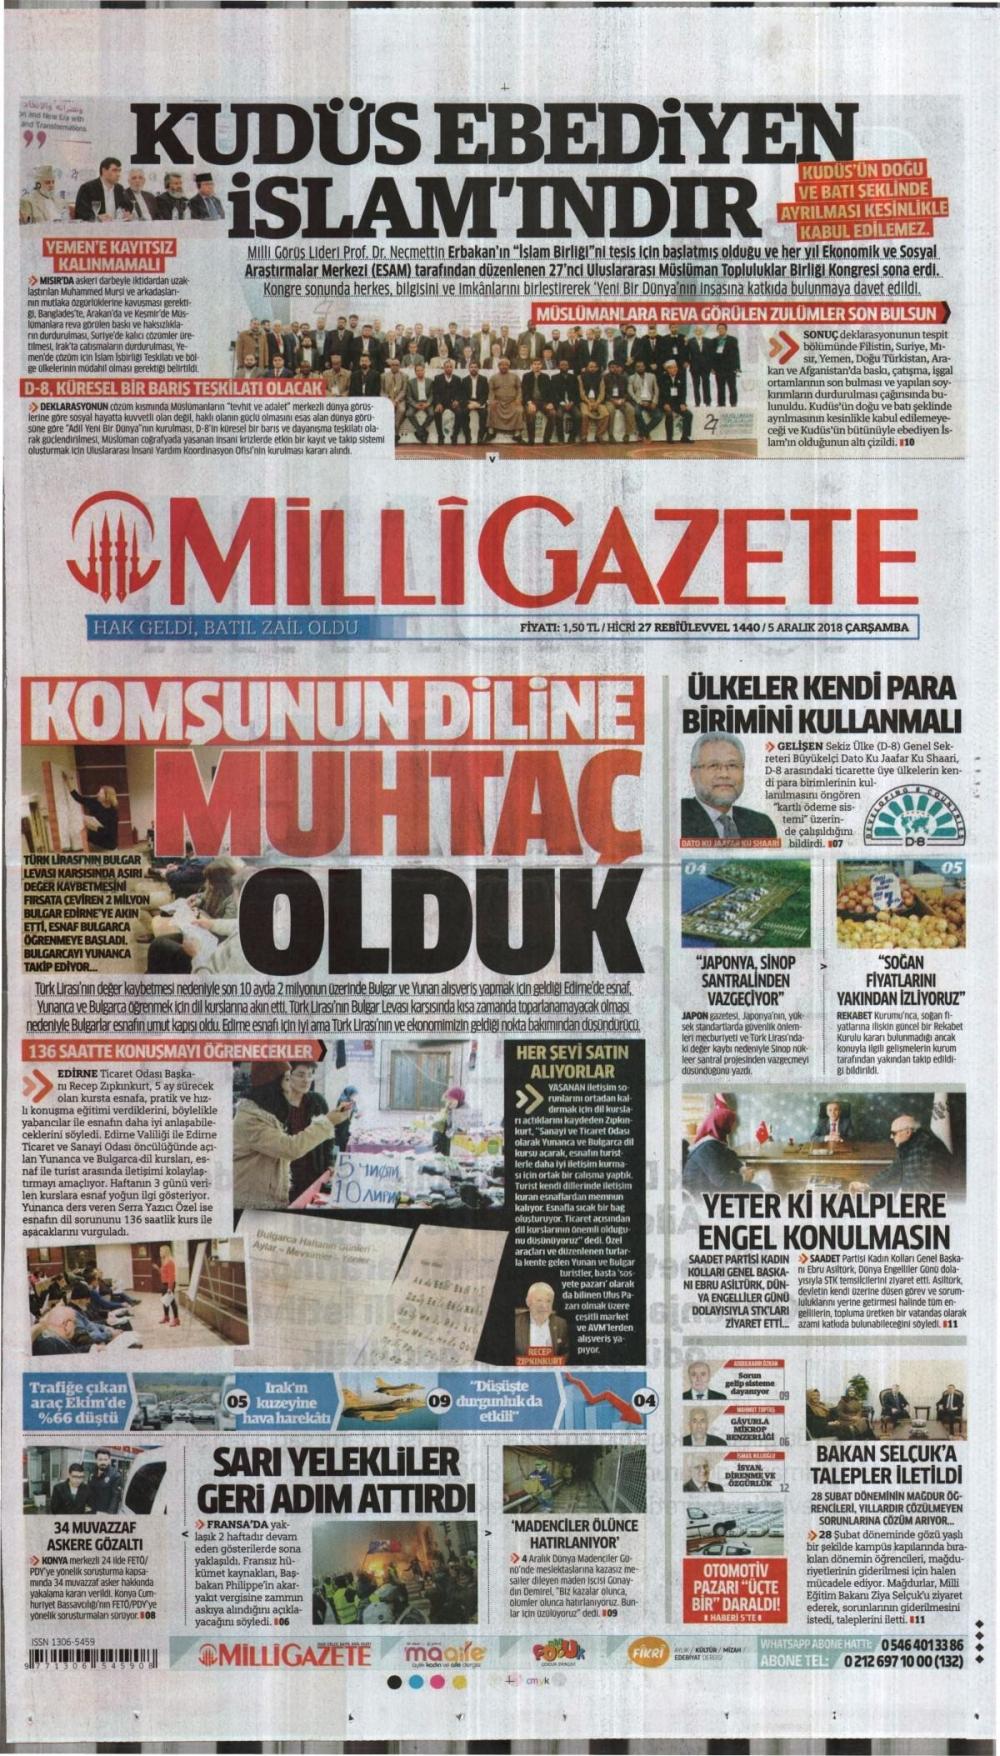 Günün gazete manşetleri (05.12.2018) 1